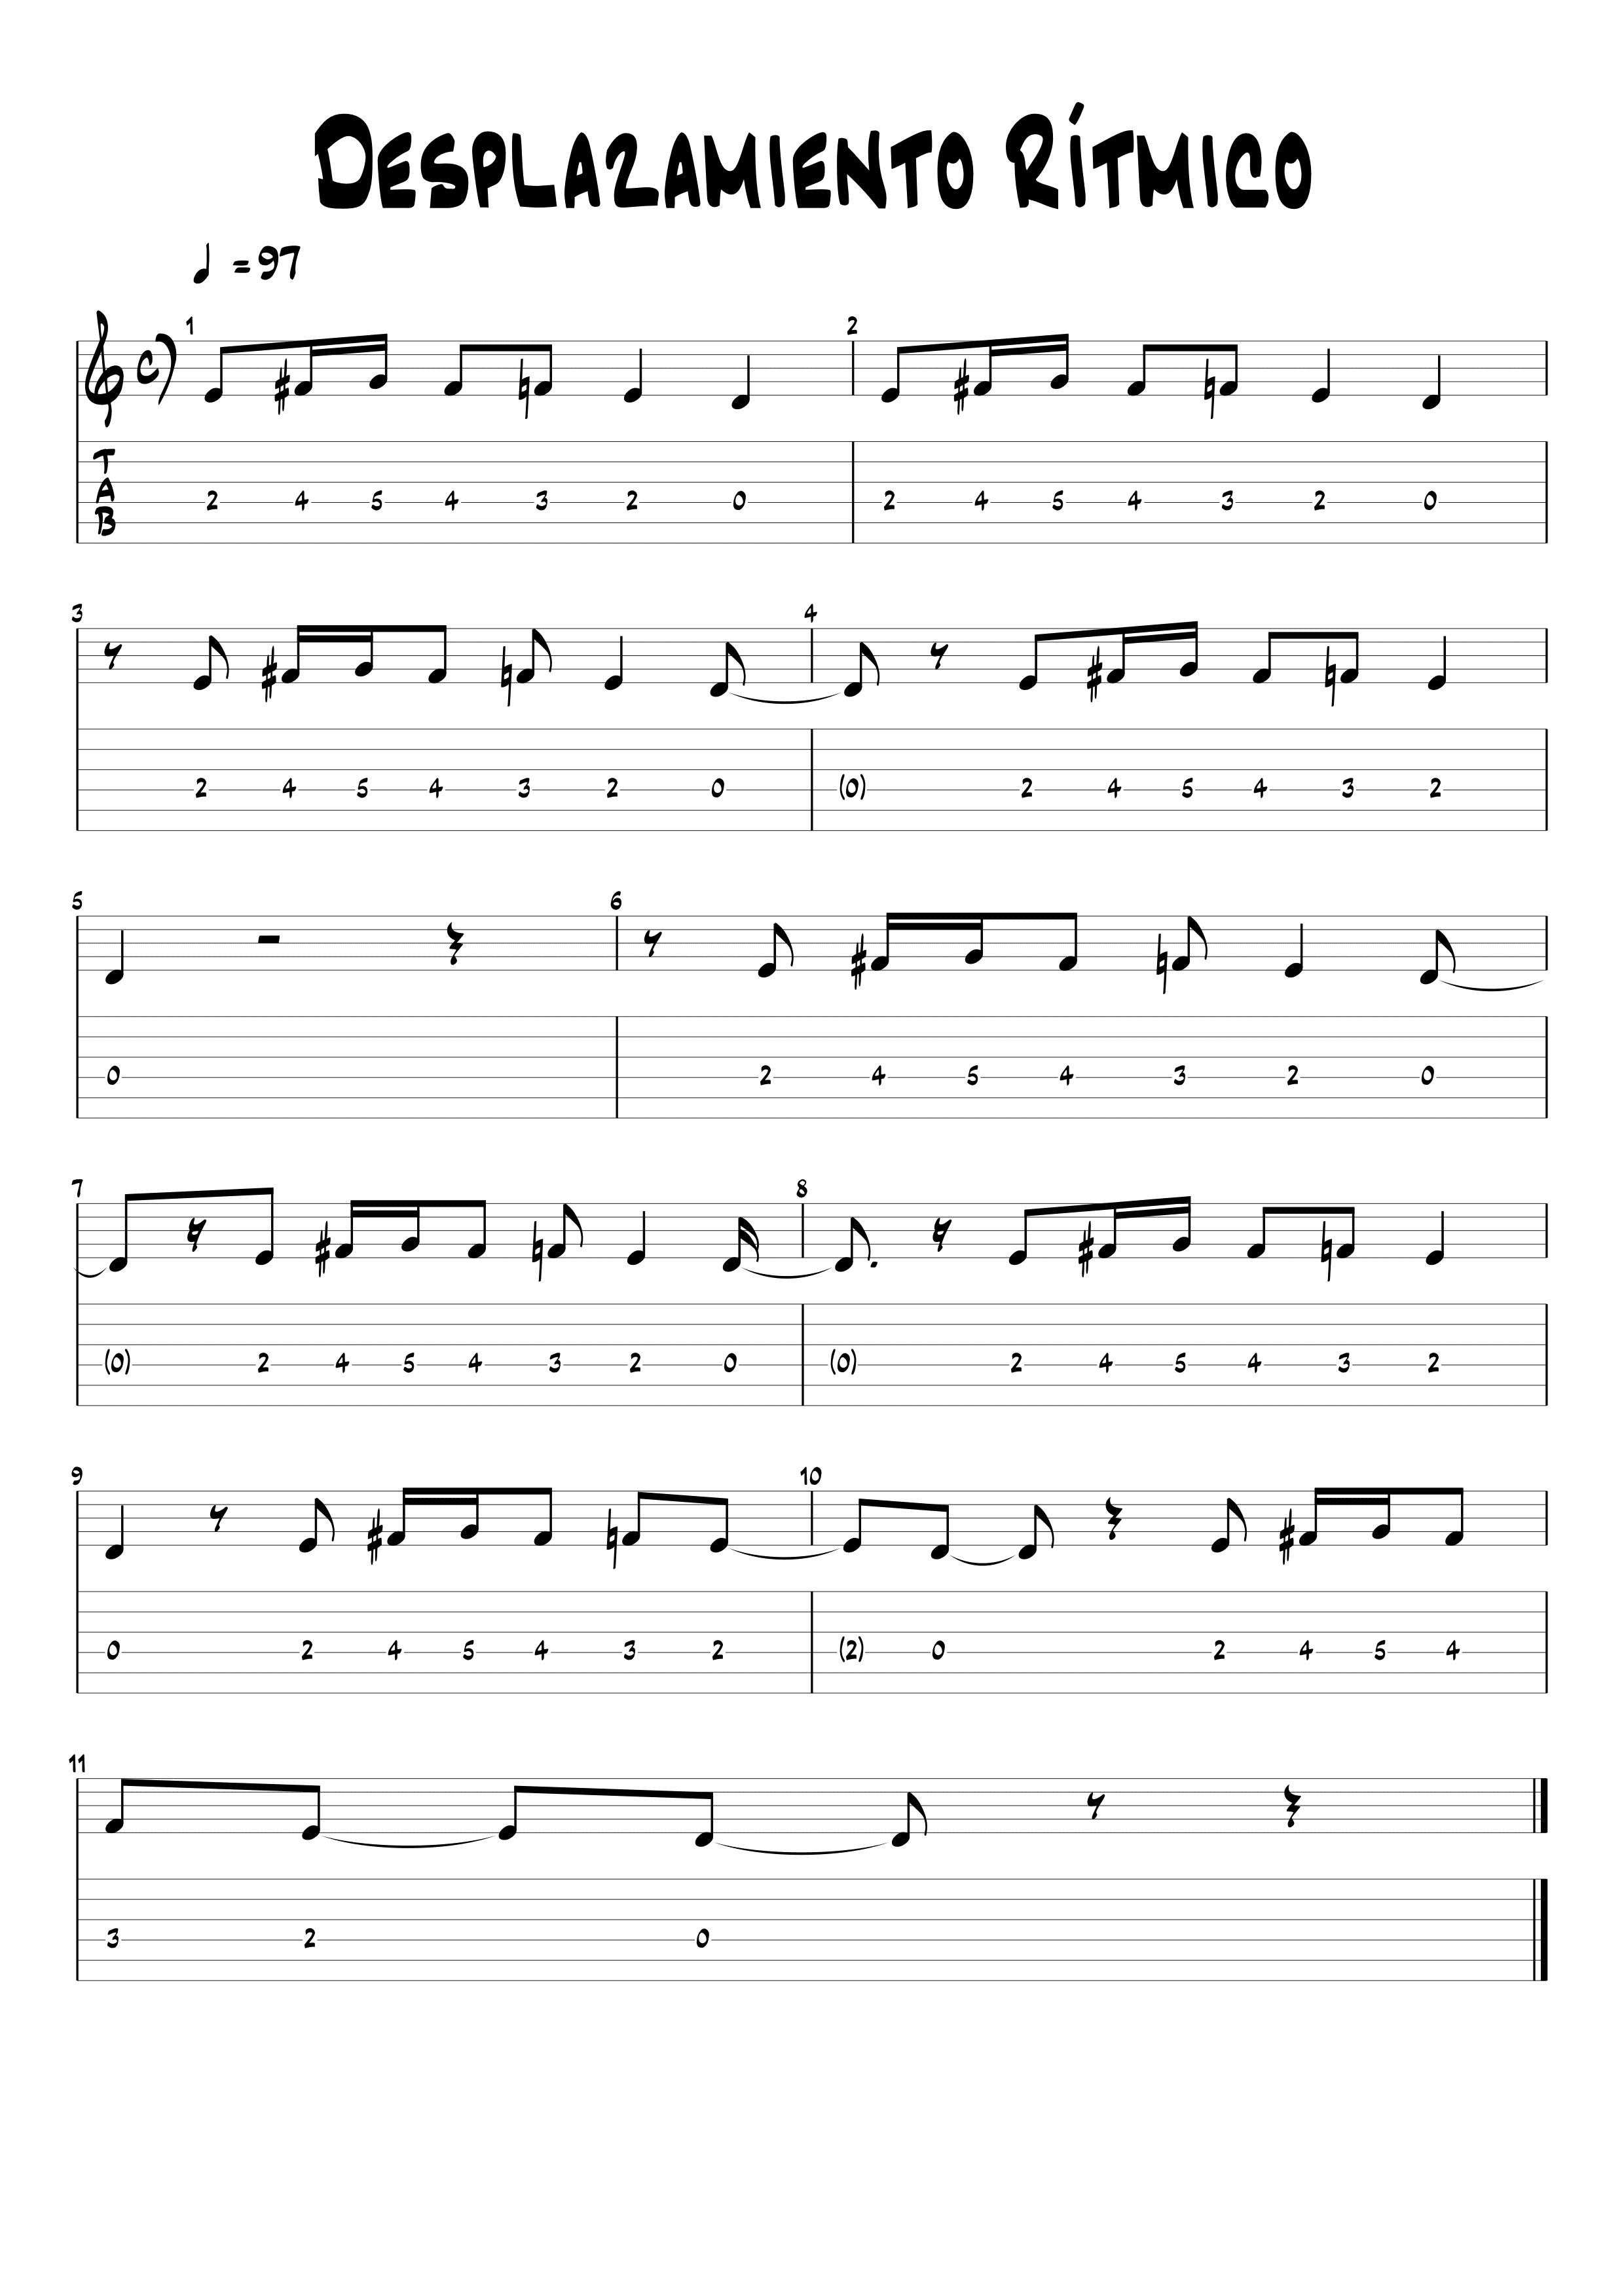 desplazamiento rítmico